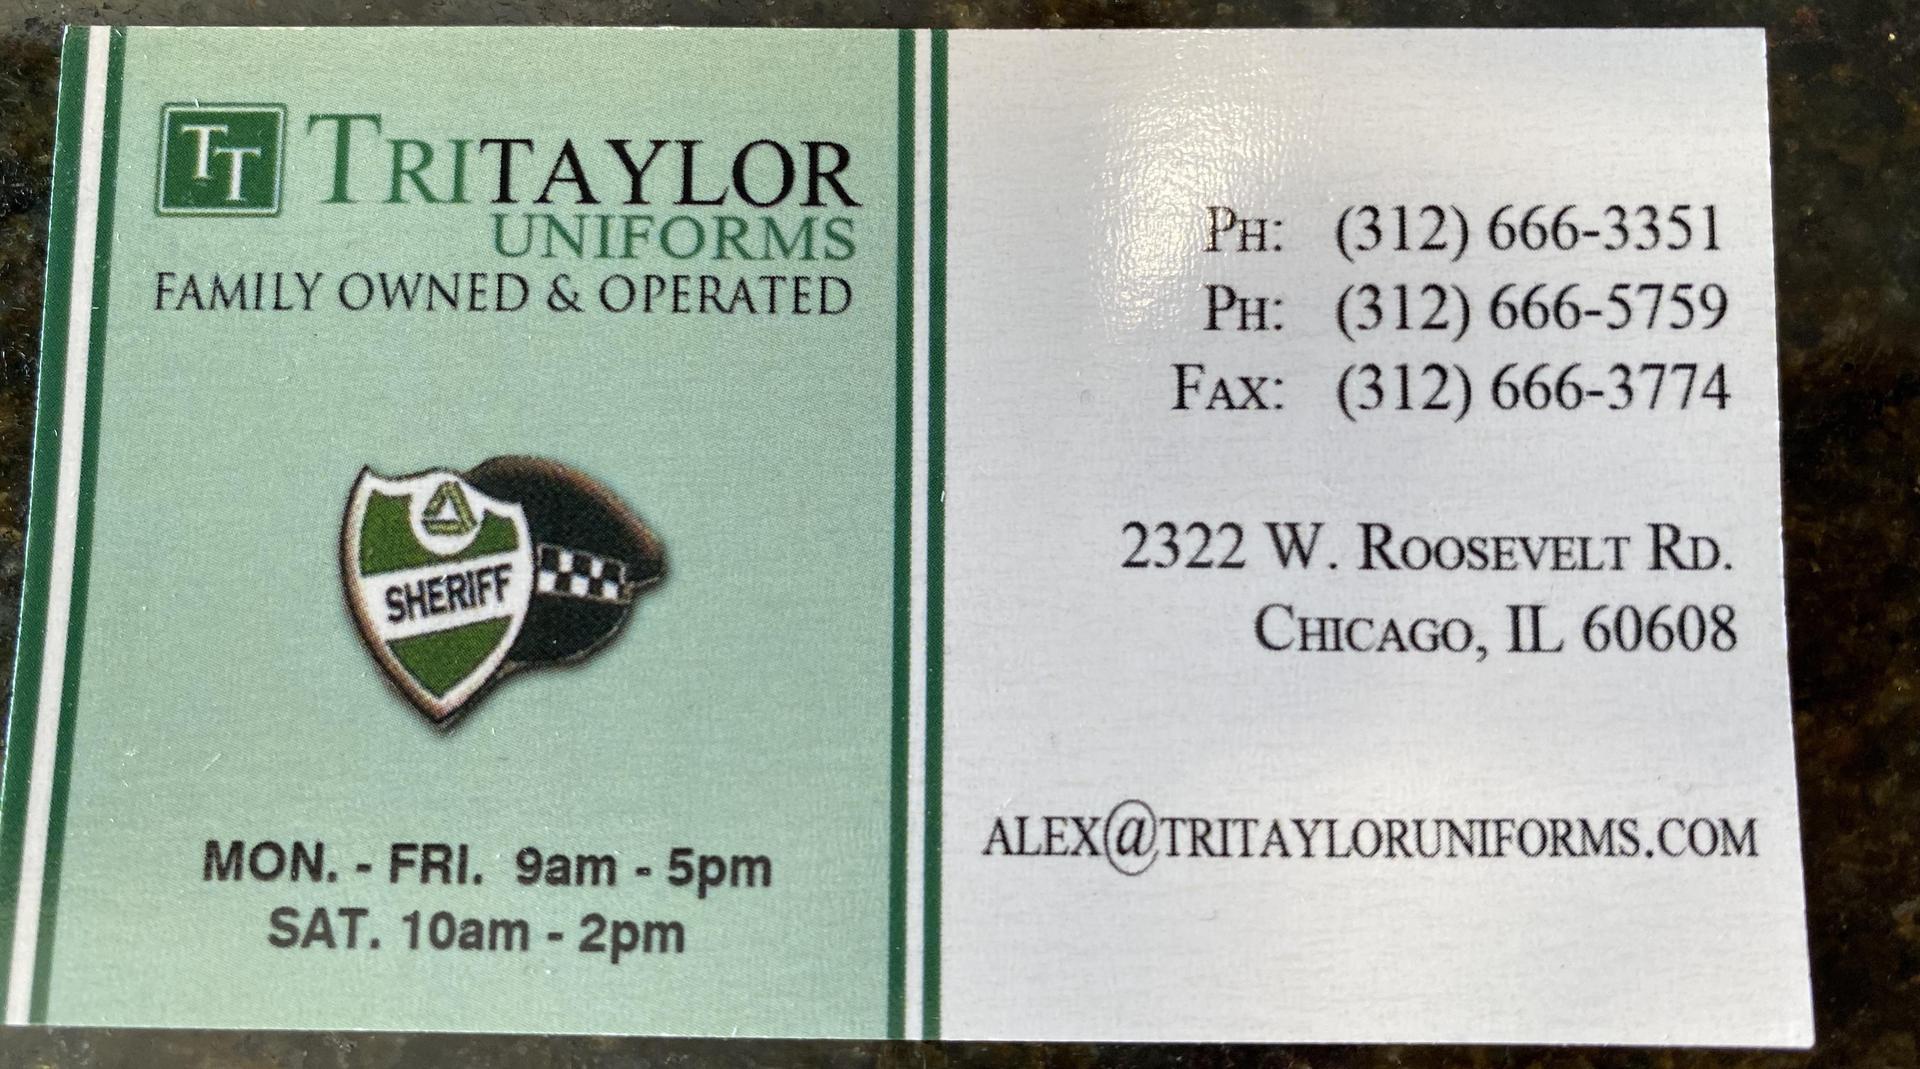 TriTaylor Uniforms information